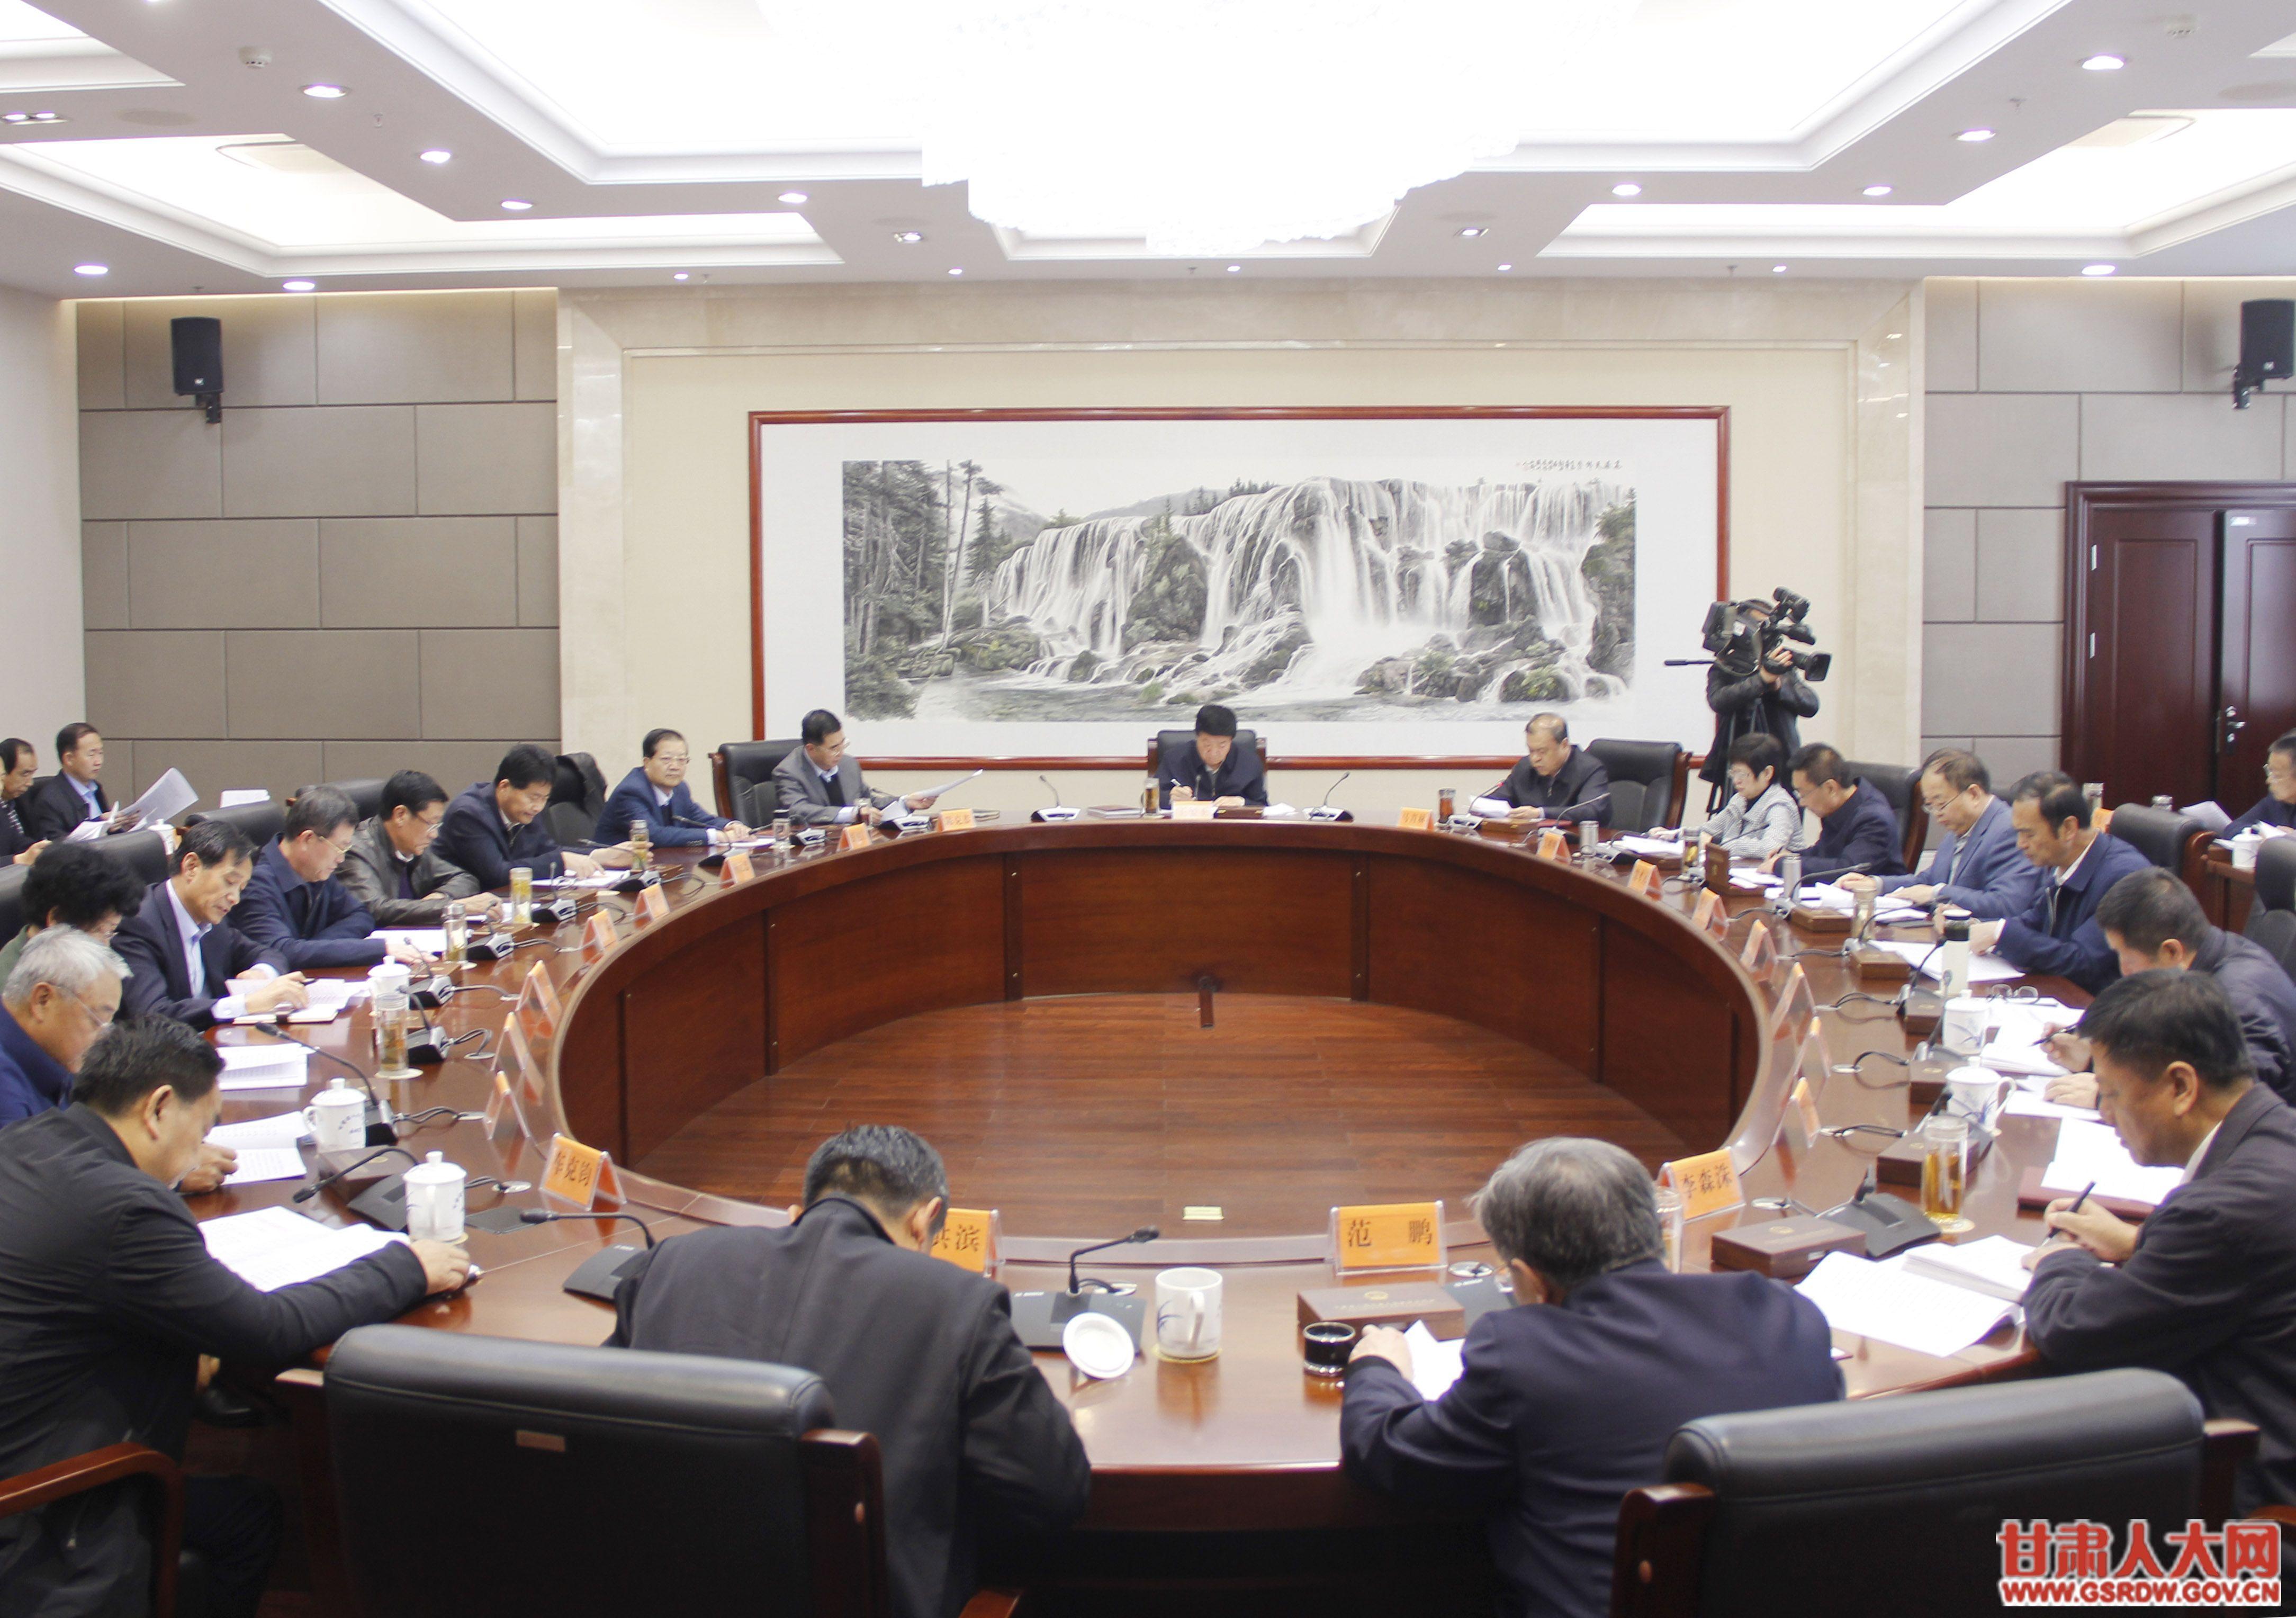 11月2日,省人大常委会党组召开扩大会议,专题学习党的十九届五中全会精神,按照省委部署要求,研究省人大常委会及机关的学习贯彻工作